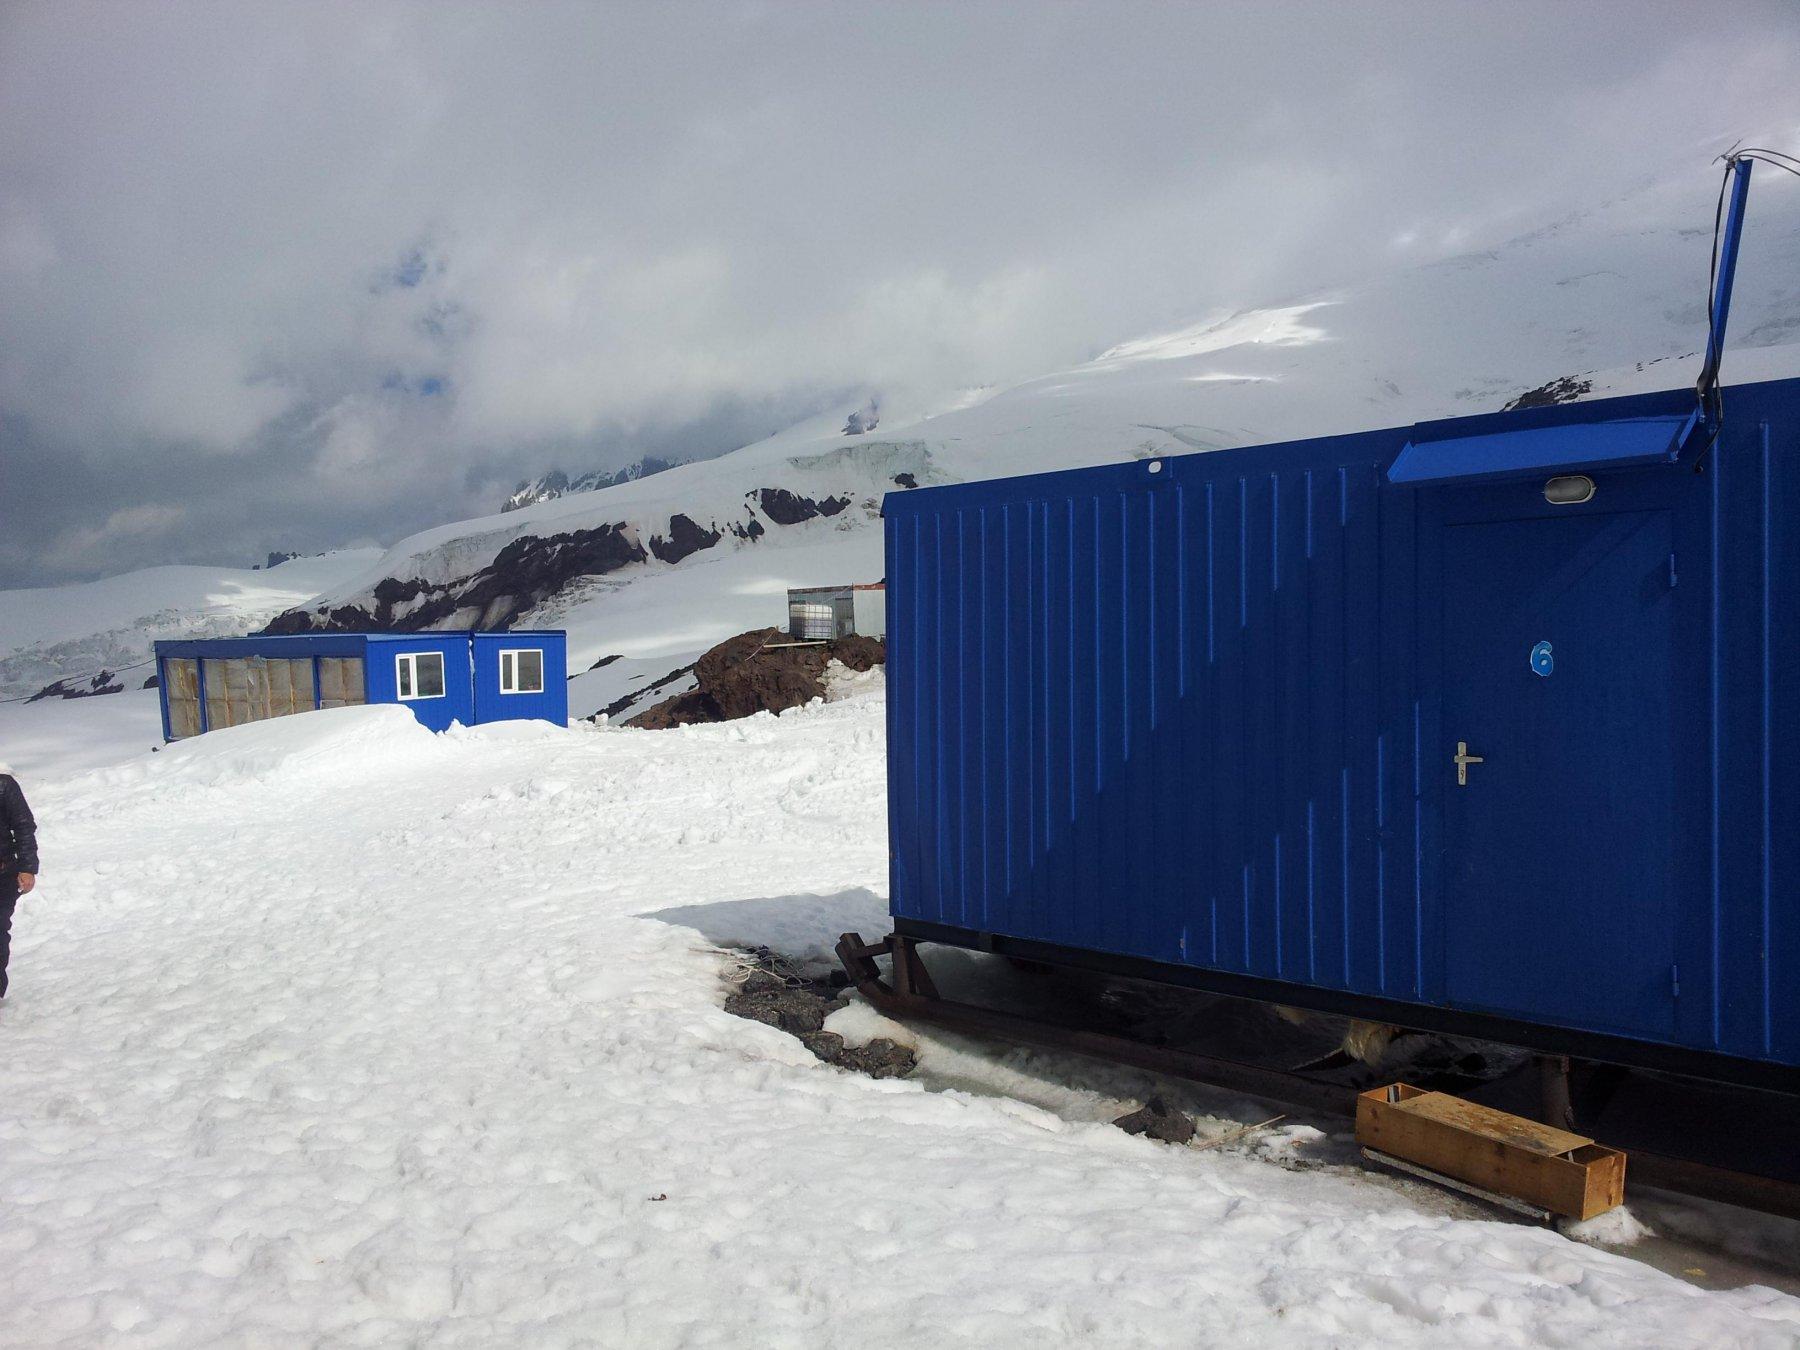 Container dormitorio (dx), container mensa doppio (sx) e...cesso argenteo al centro